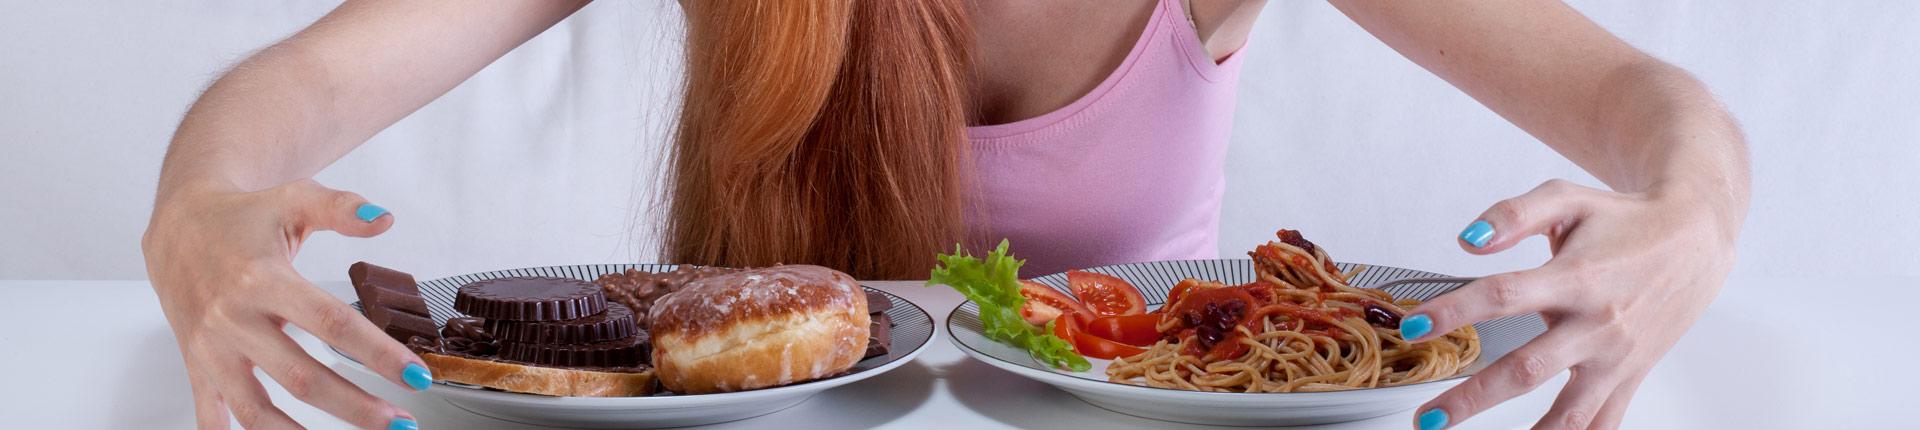 Trzymaj swój apetyt w ryzach!